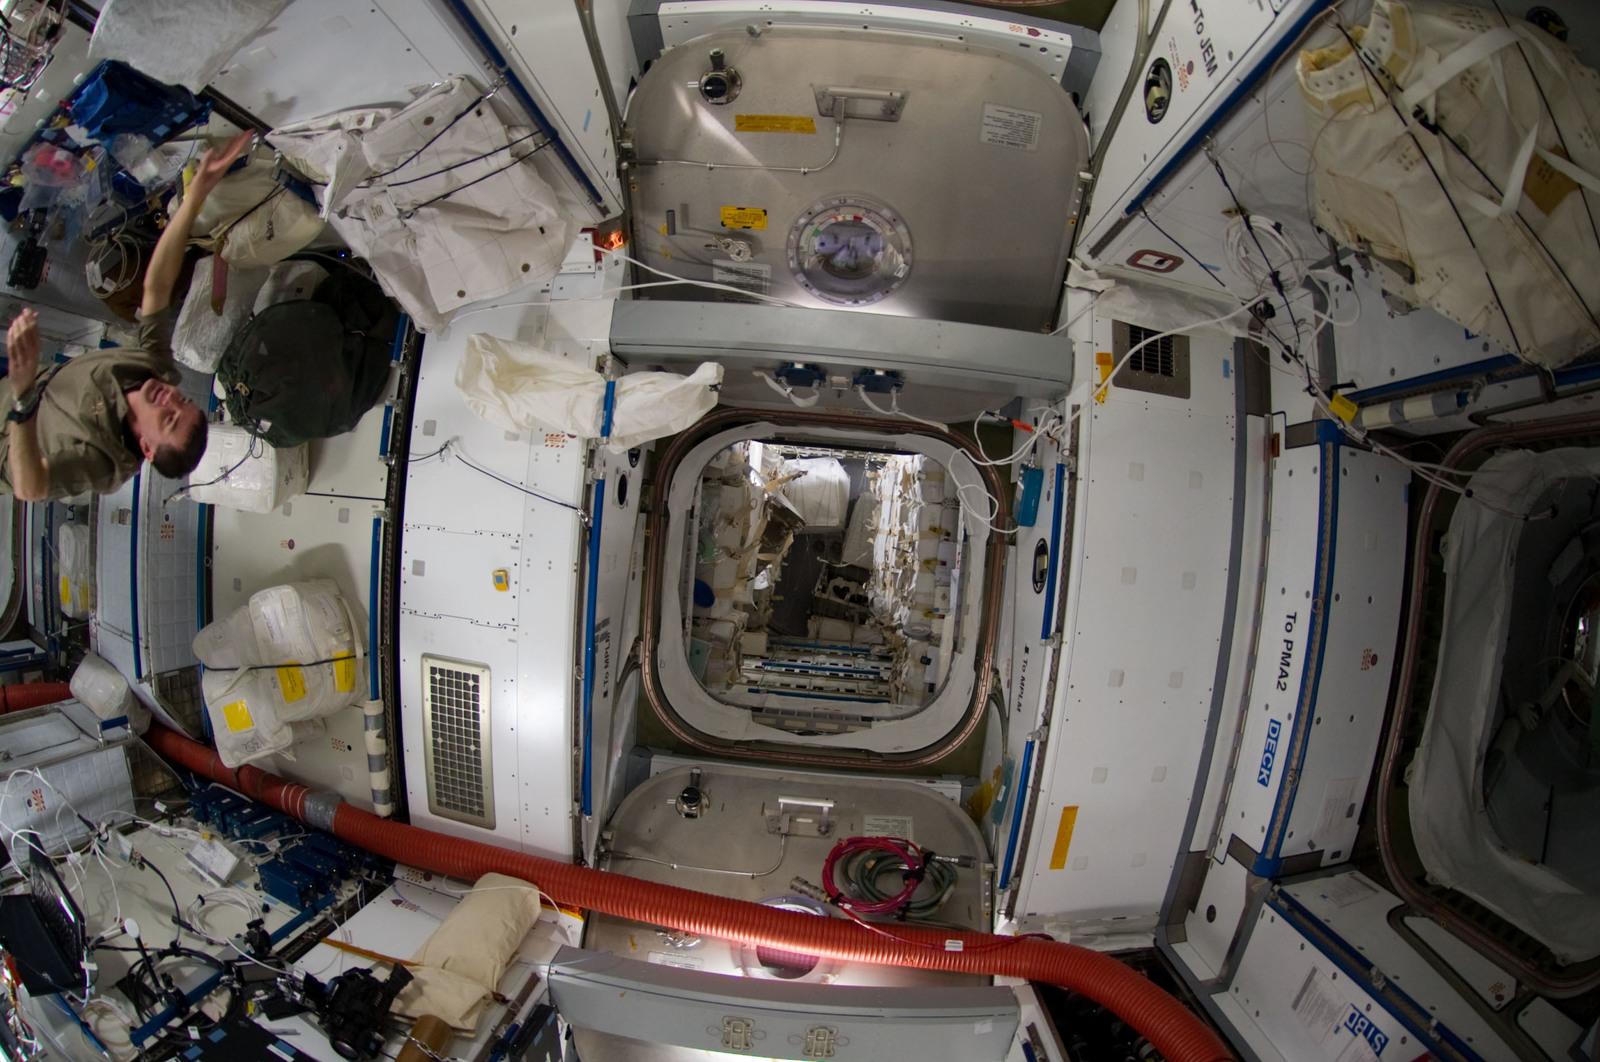 S135E009133 - STS-135 - Walheim floats into Node 2